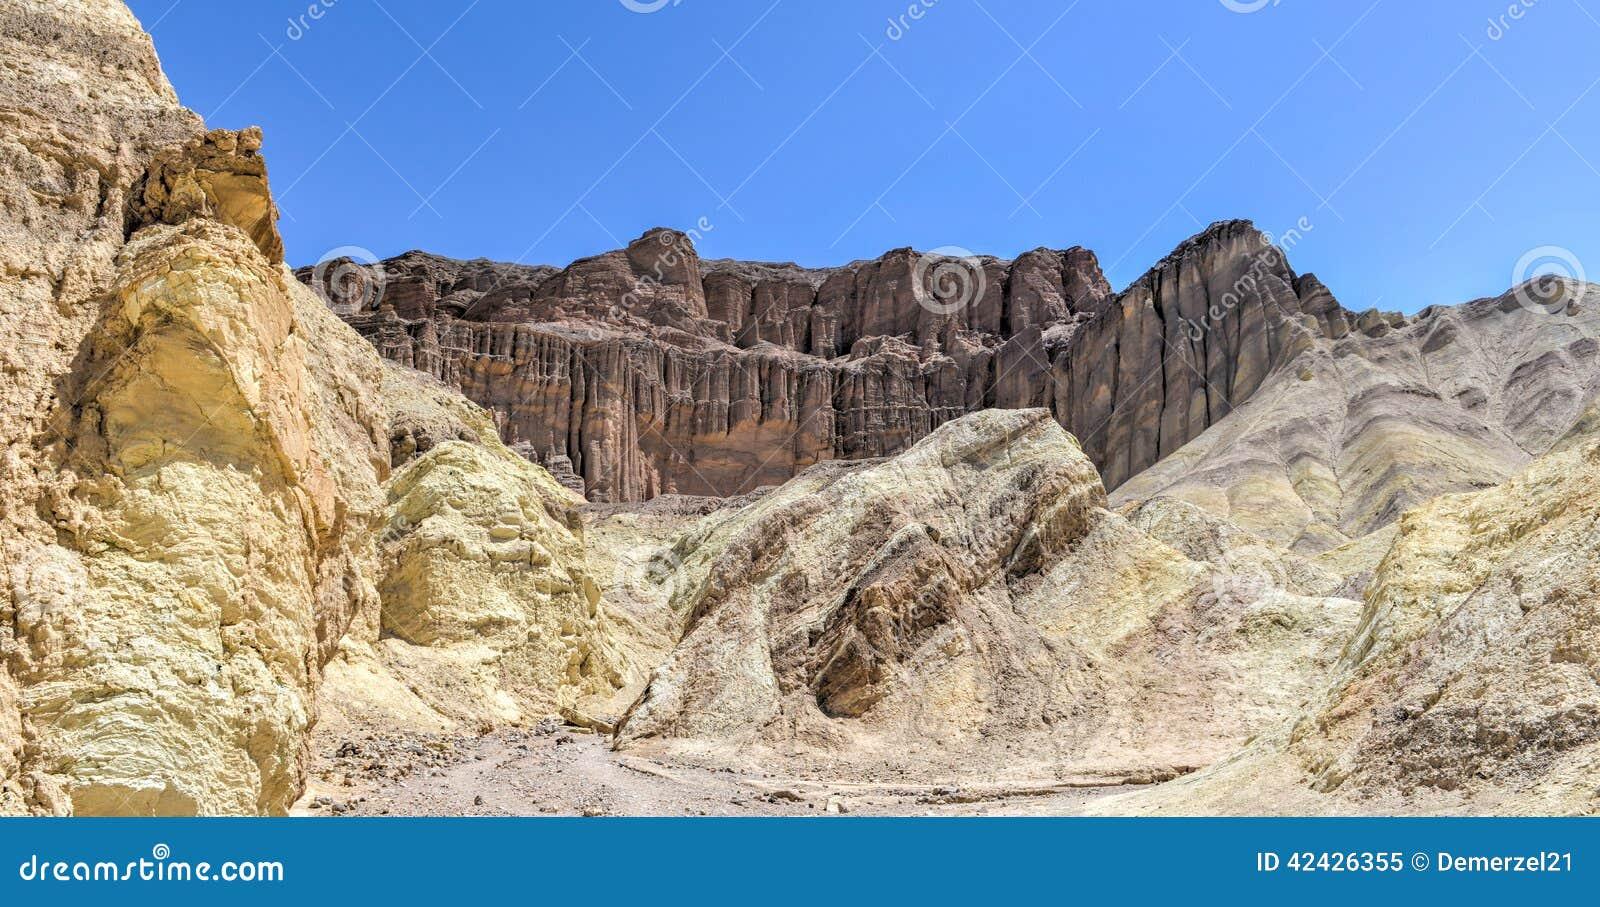 Barranco de oro, parque nacional de Death Valley